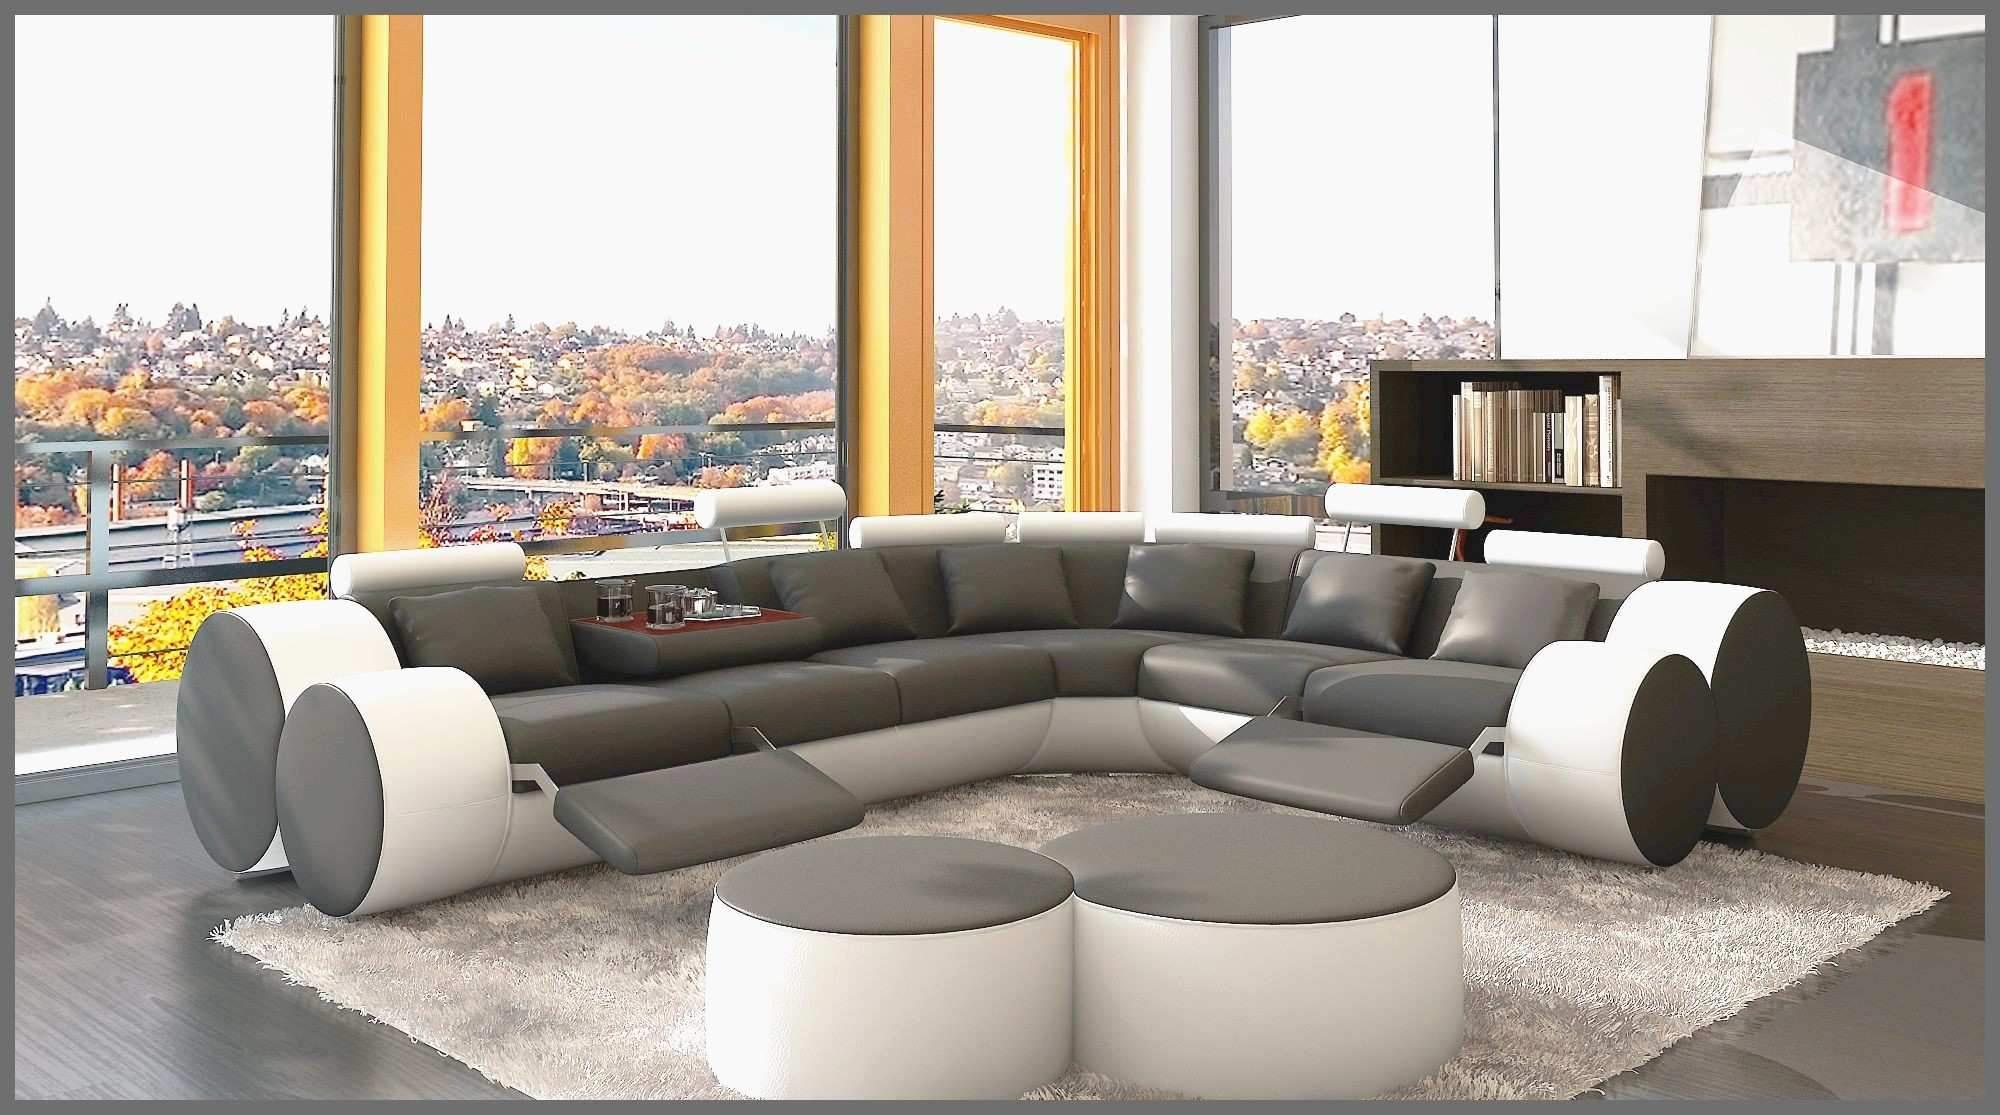 canape angle cuir center nouveau leroy merlin chaise fauteuil relax salon meilleur fauteuil salon 0d of canape angle cuir center